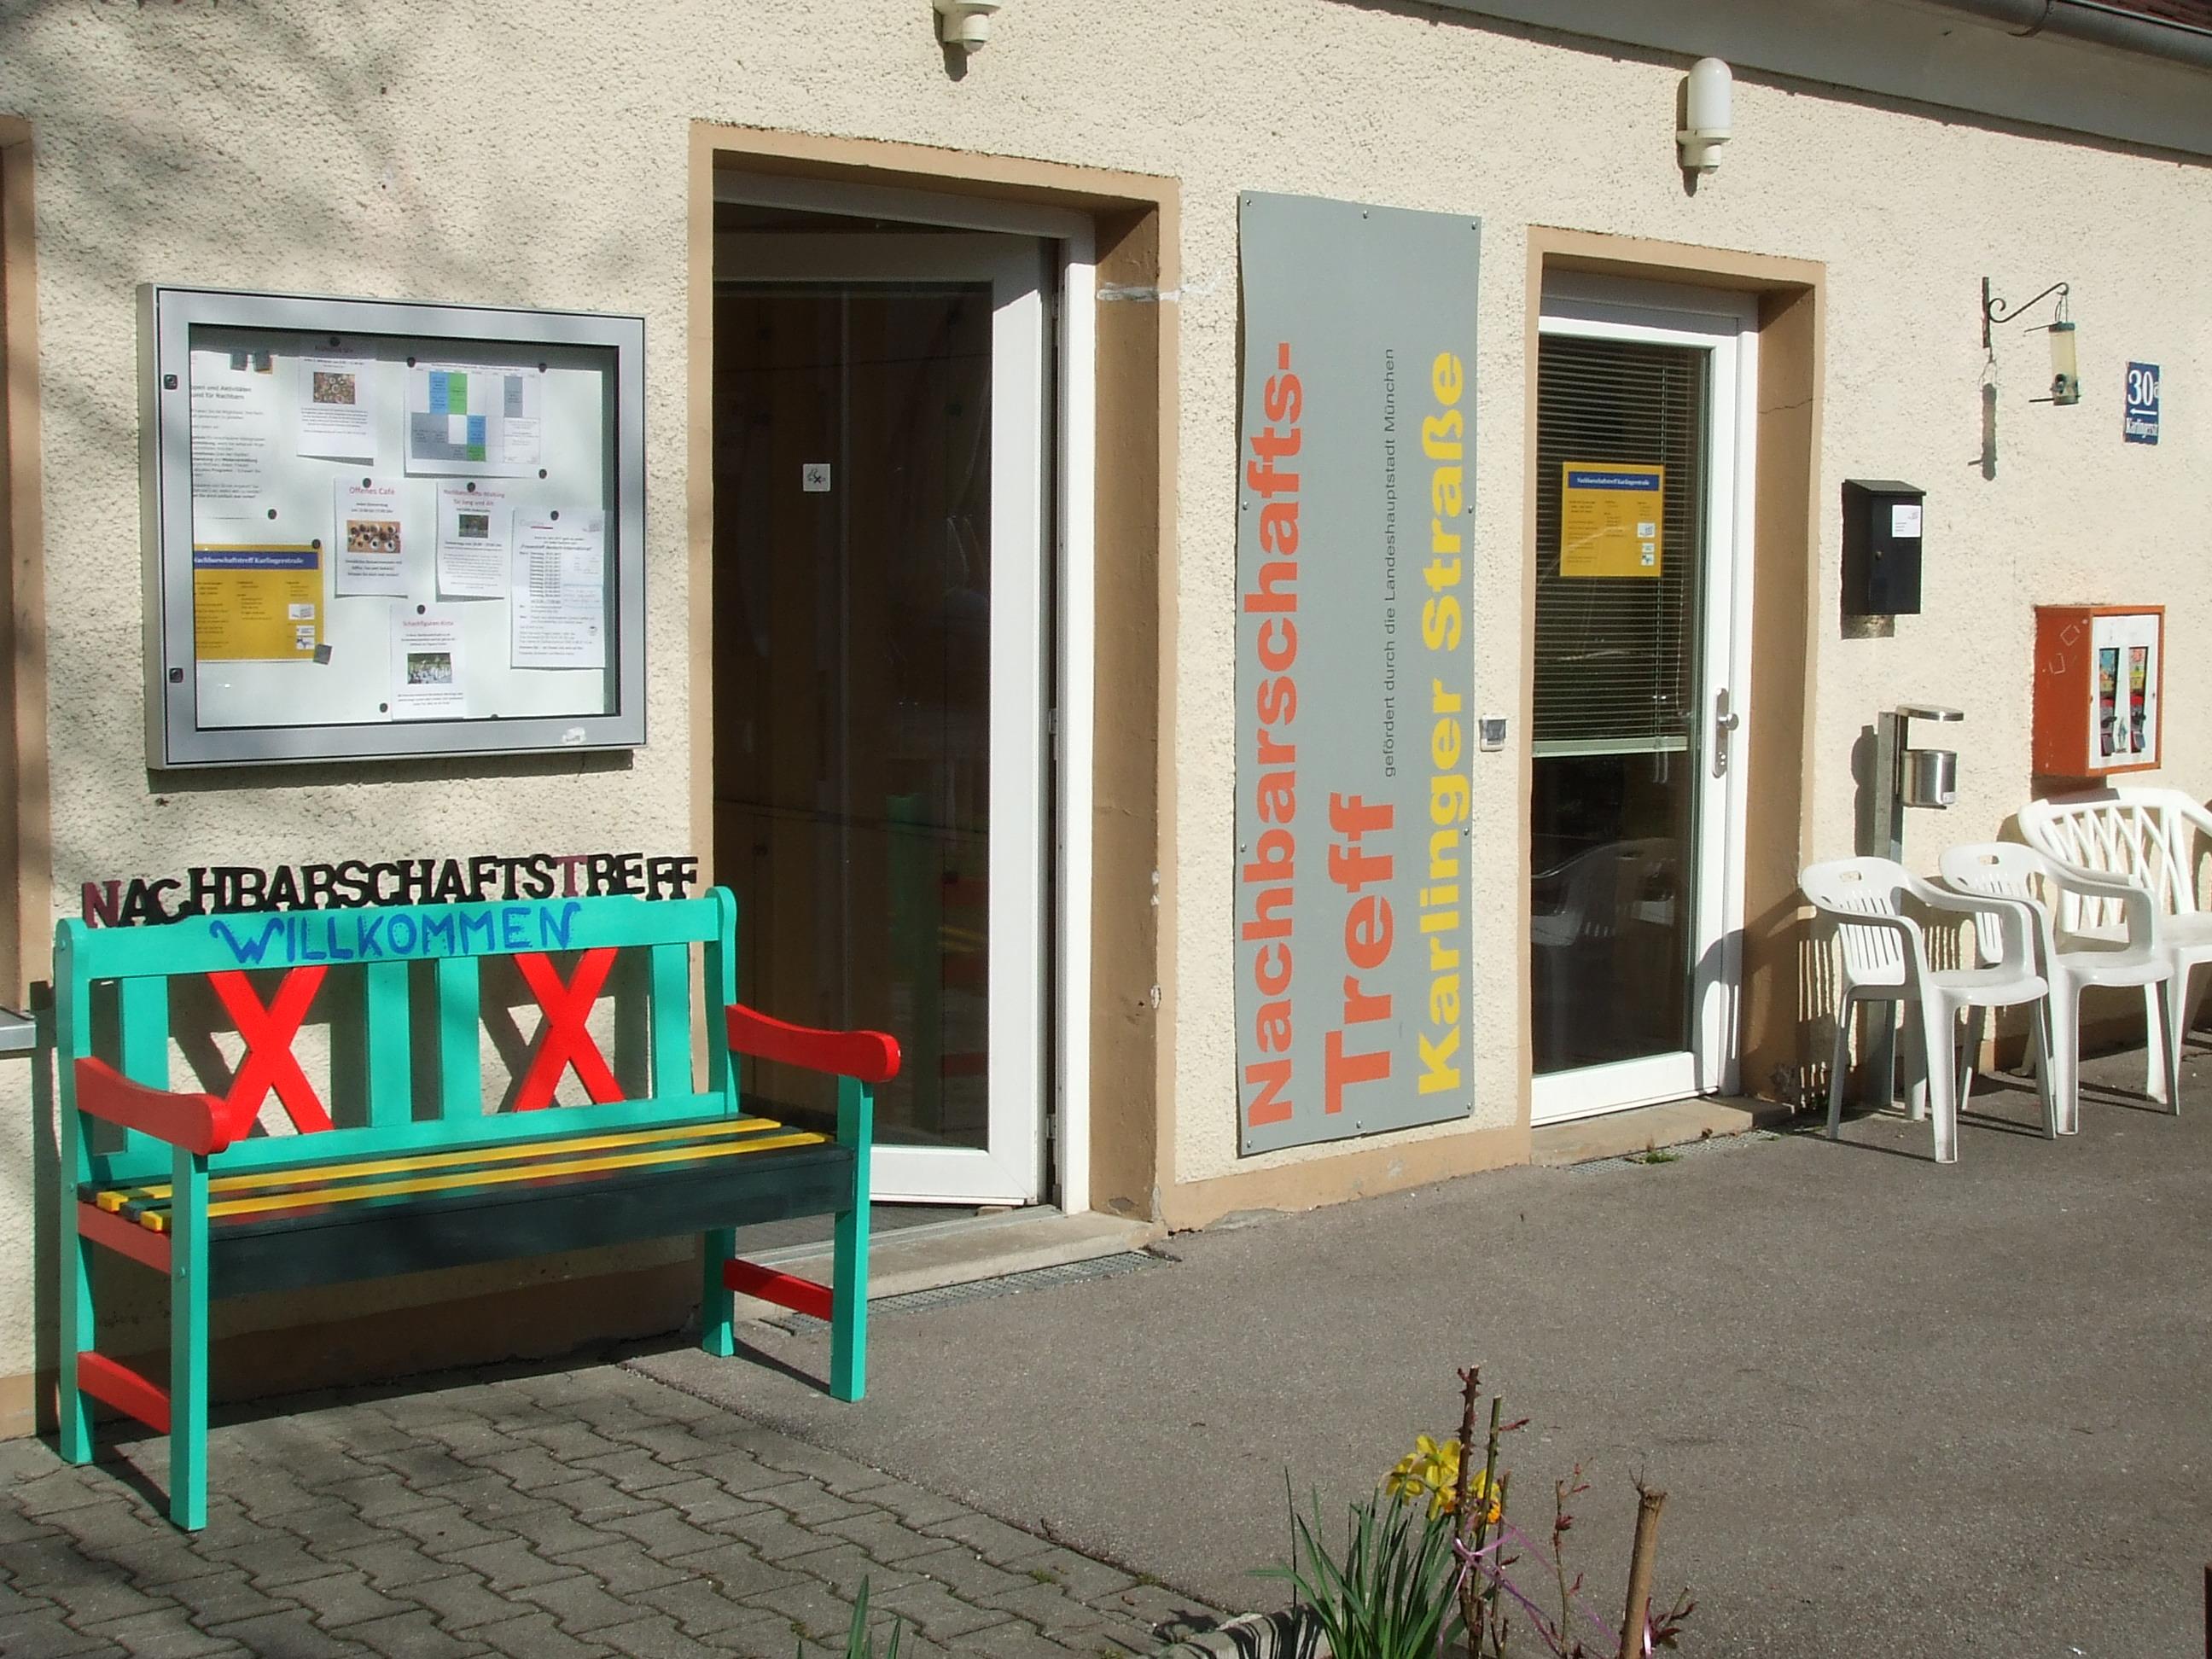 Nachbarschaftstreff in der Karlingerstraße